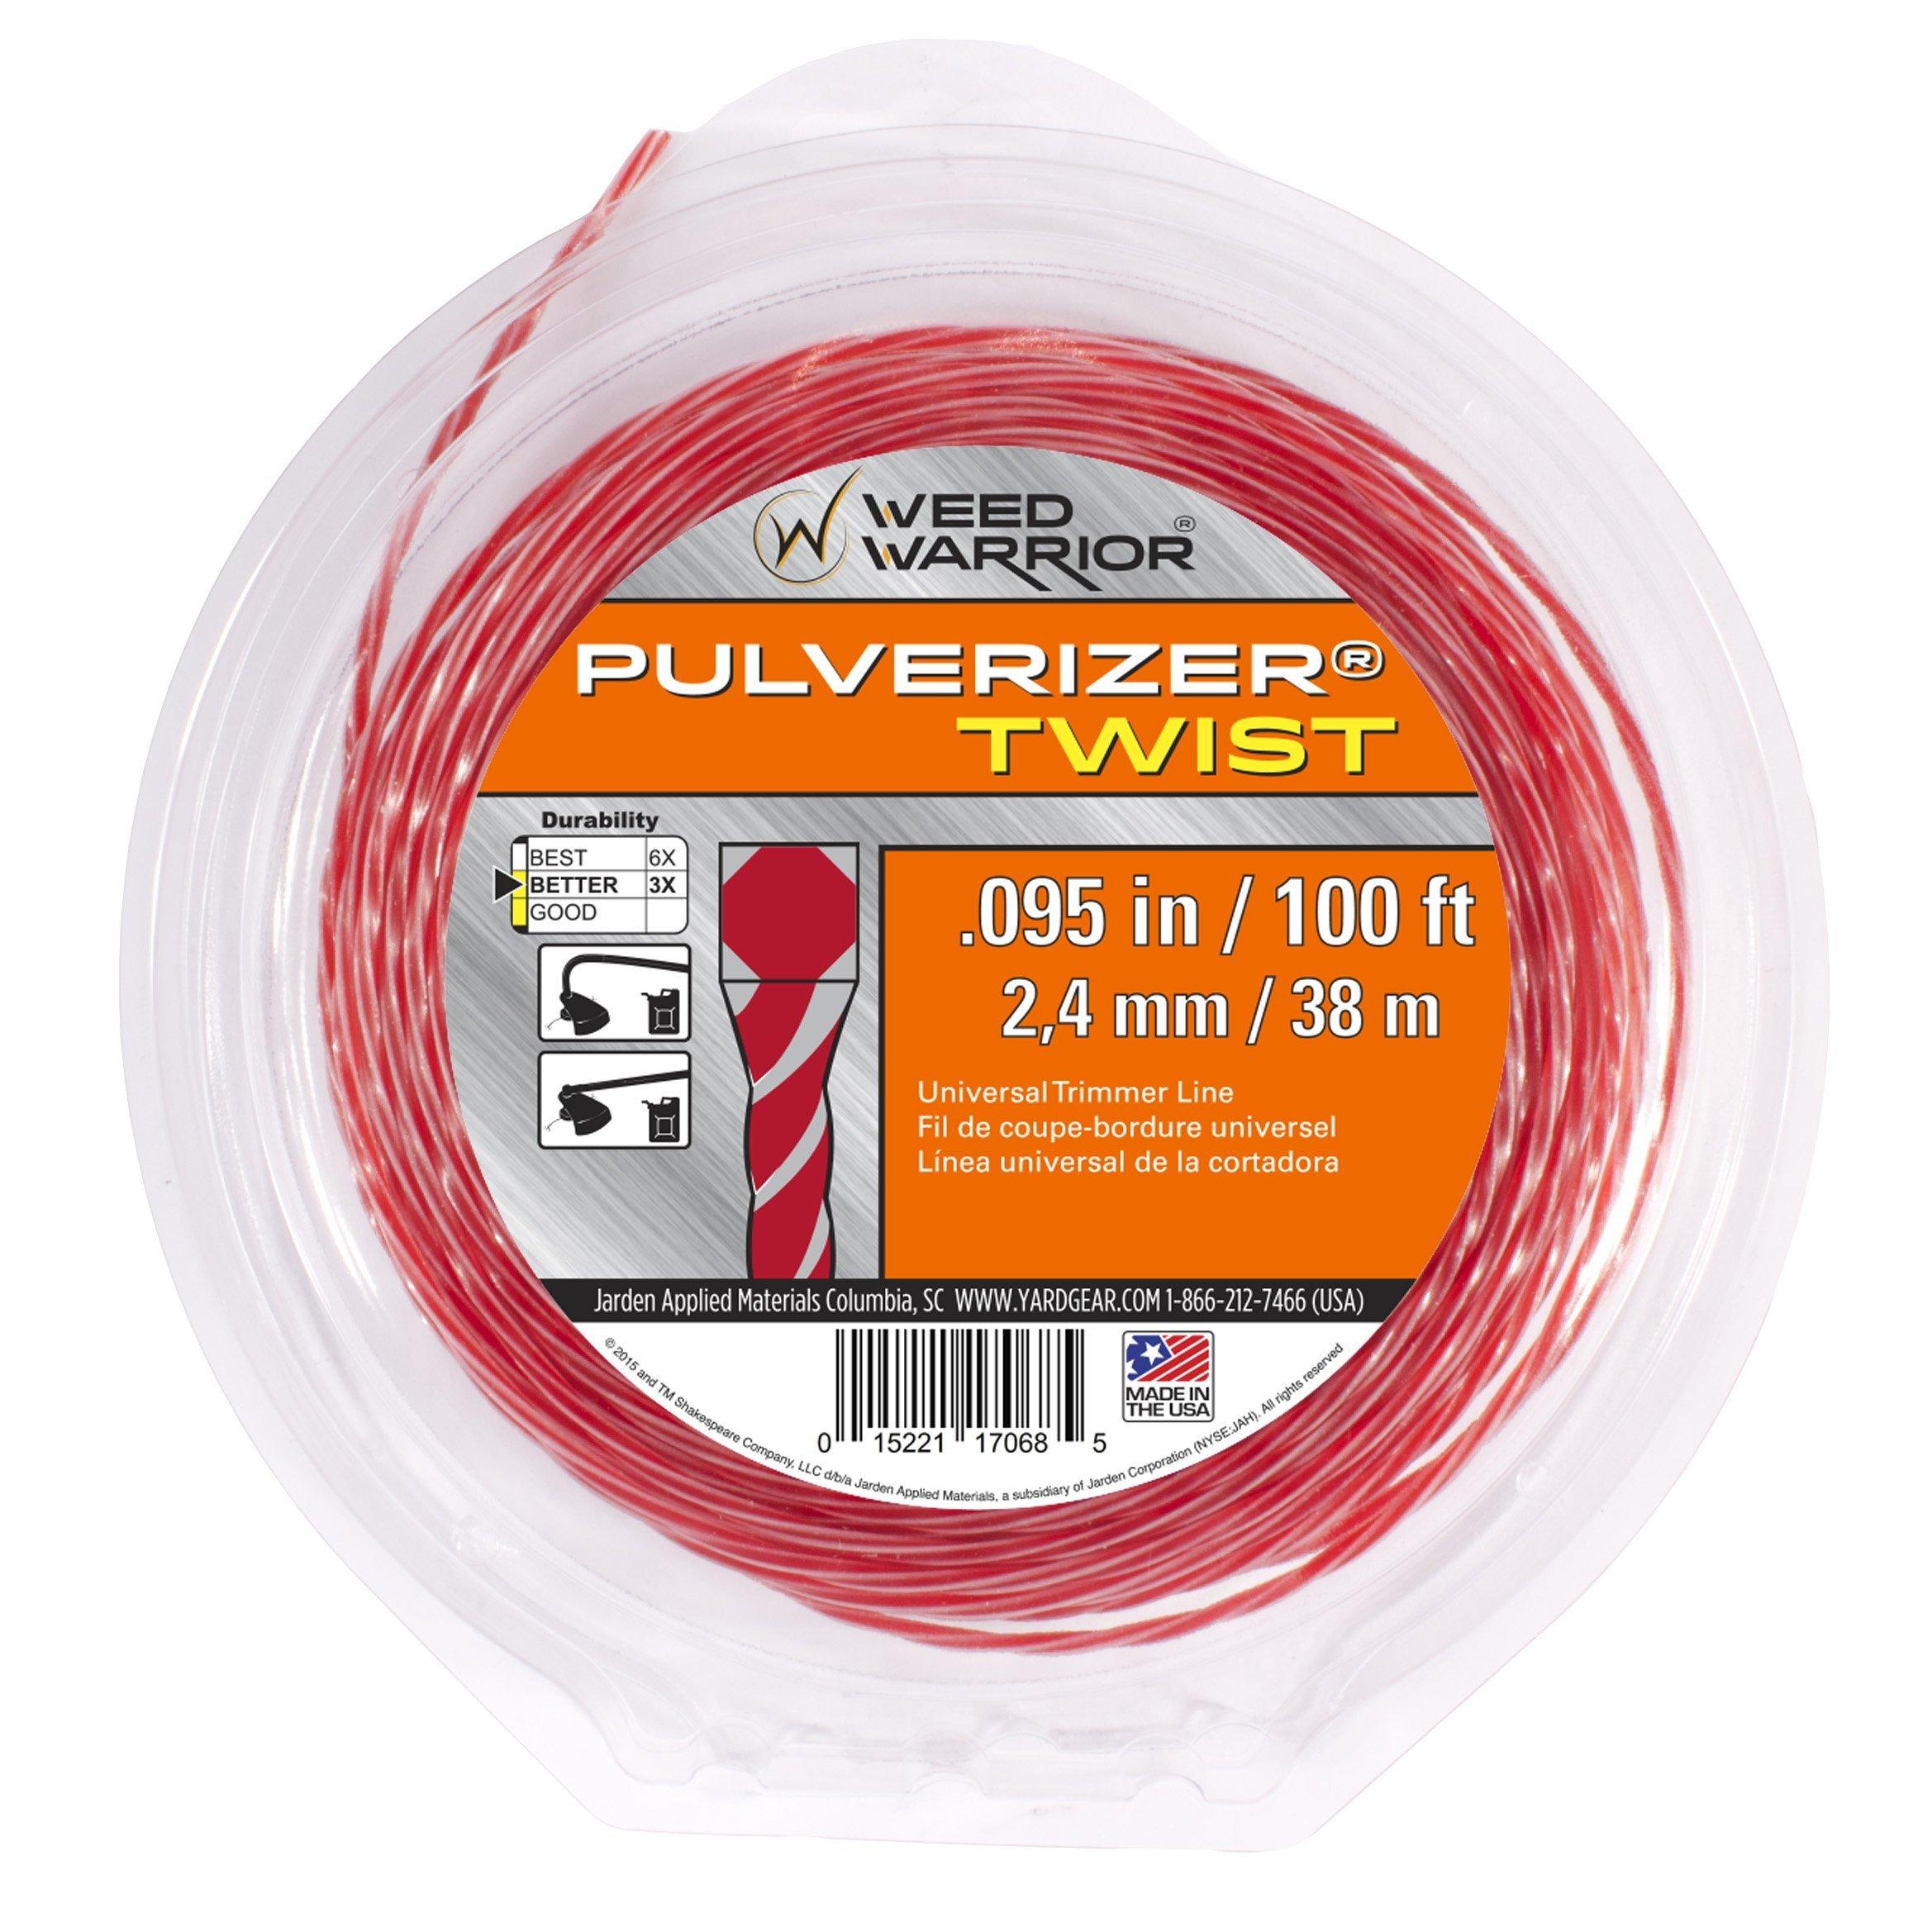 Weed Warrior 17068 Pulverizer Bi-Component Twist Trimmer Lines, 095'' by 100'